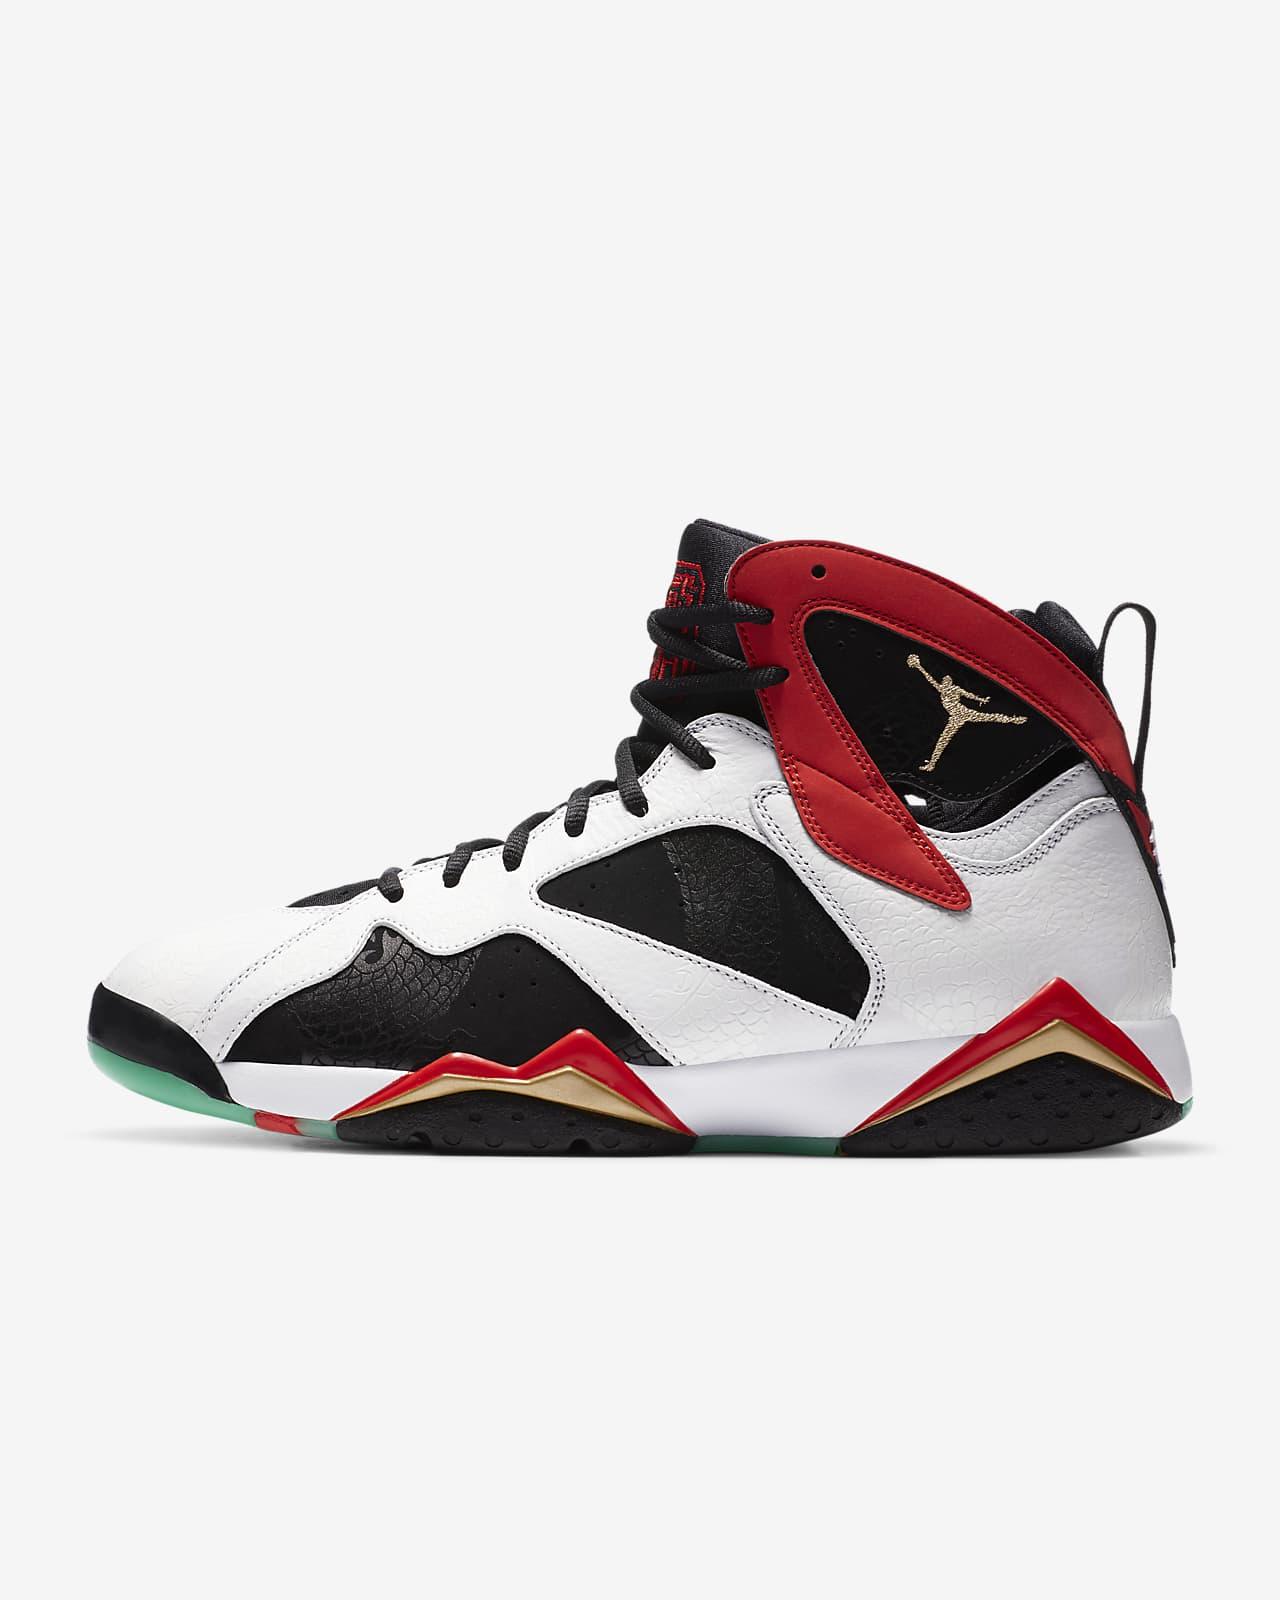 รองเท้าผู้ชาย Air Jordan 7 Retro GC